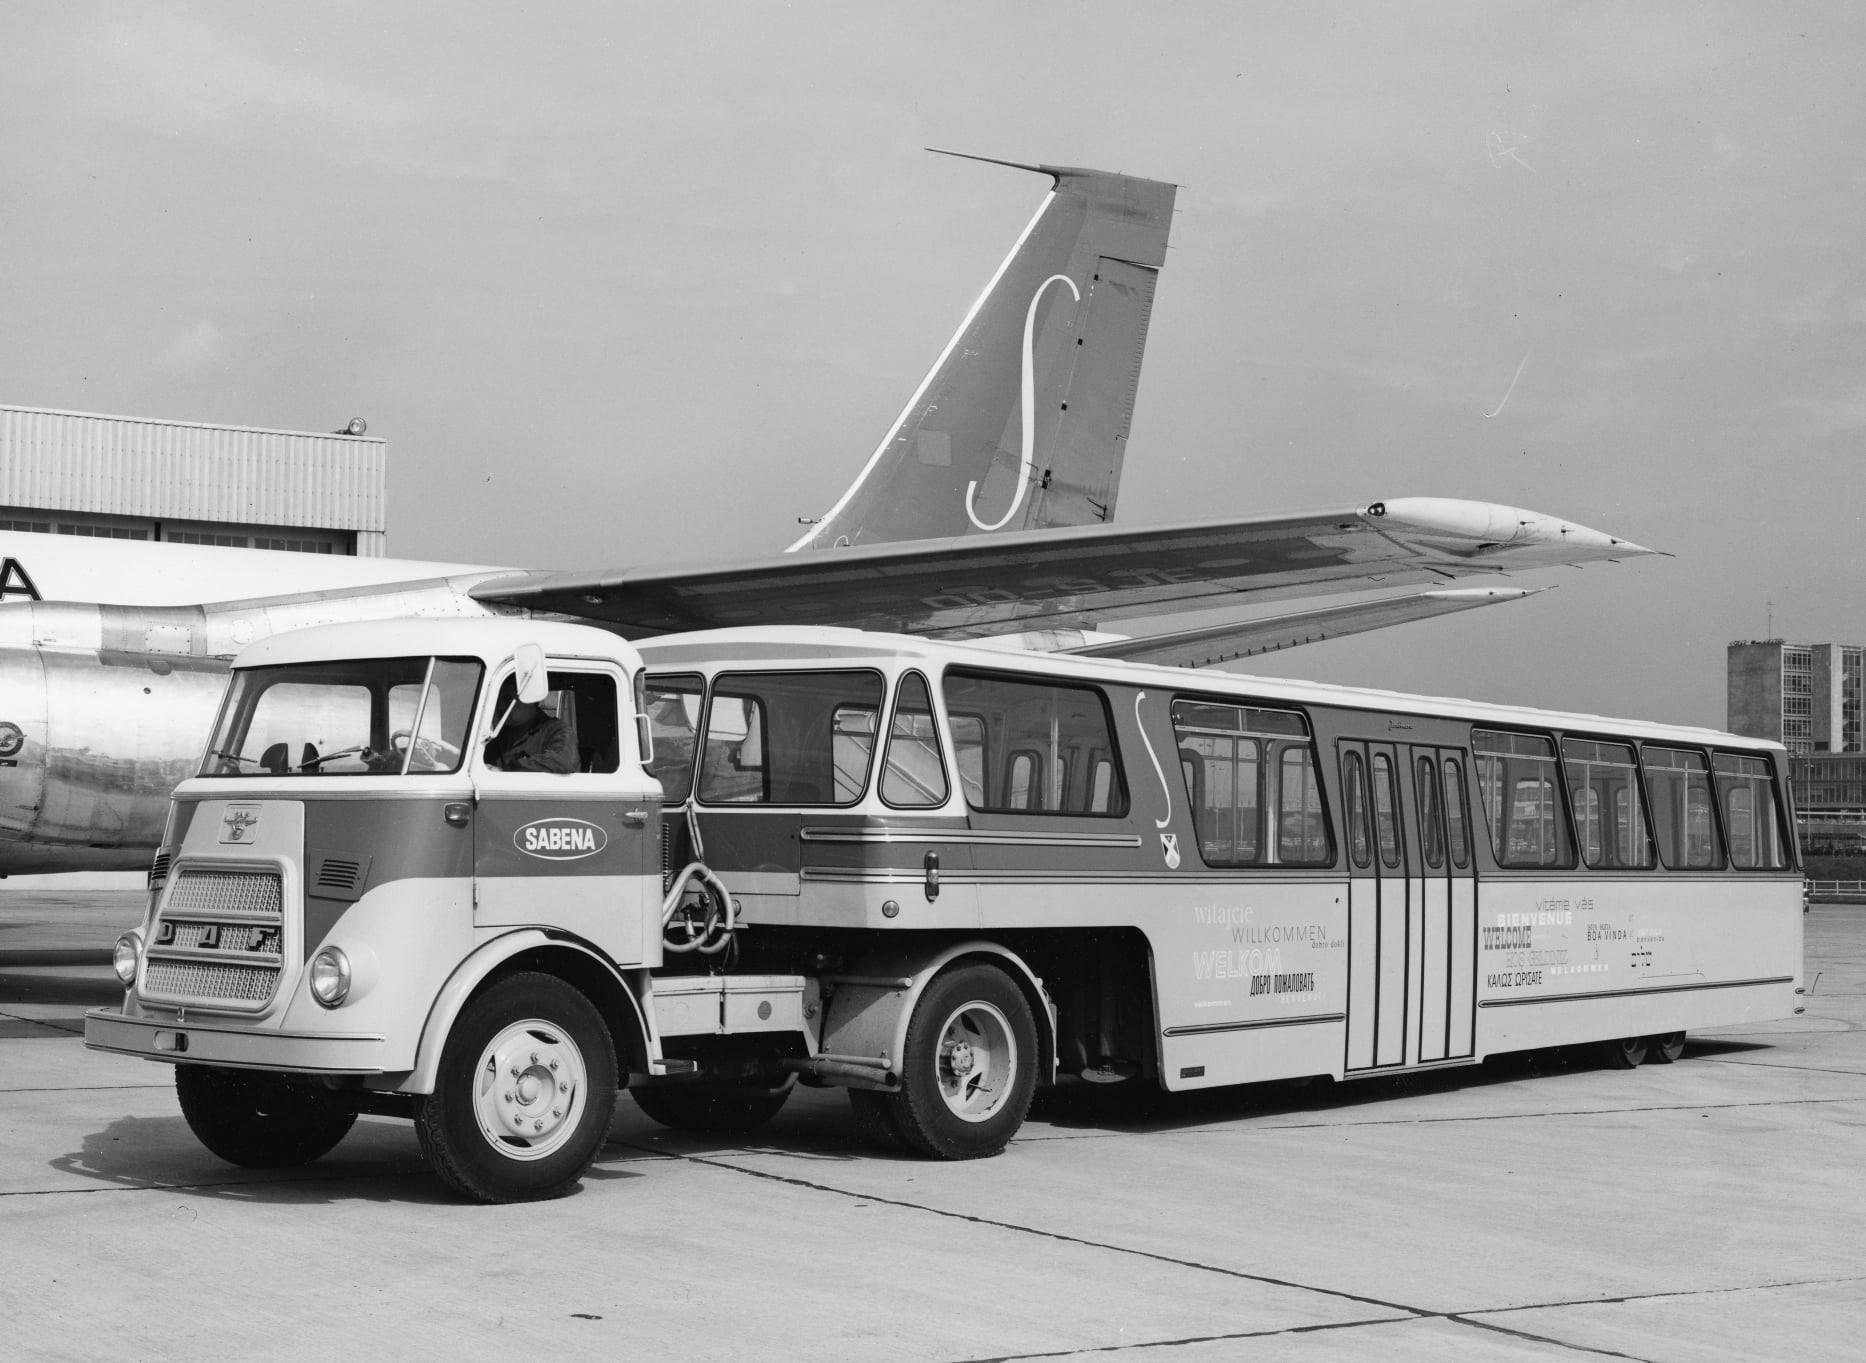 Daf-bus-vliegveld-Zavetem-(4)